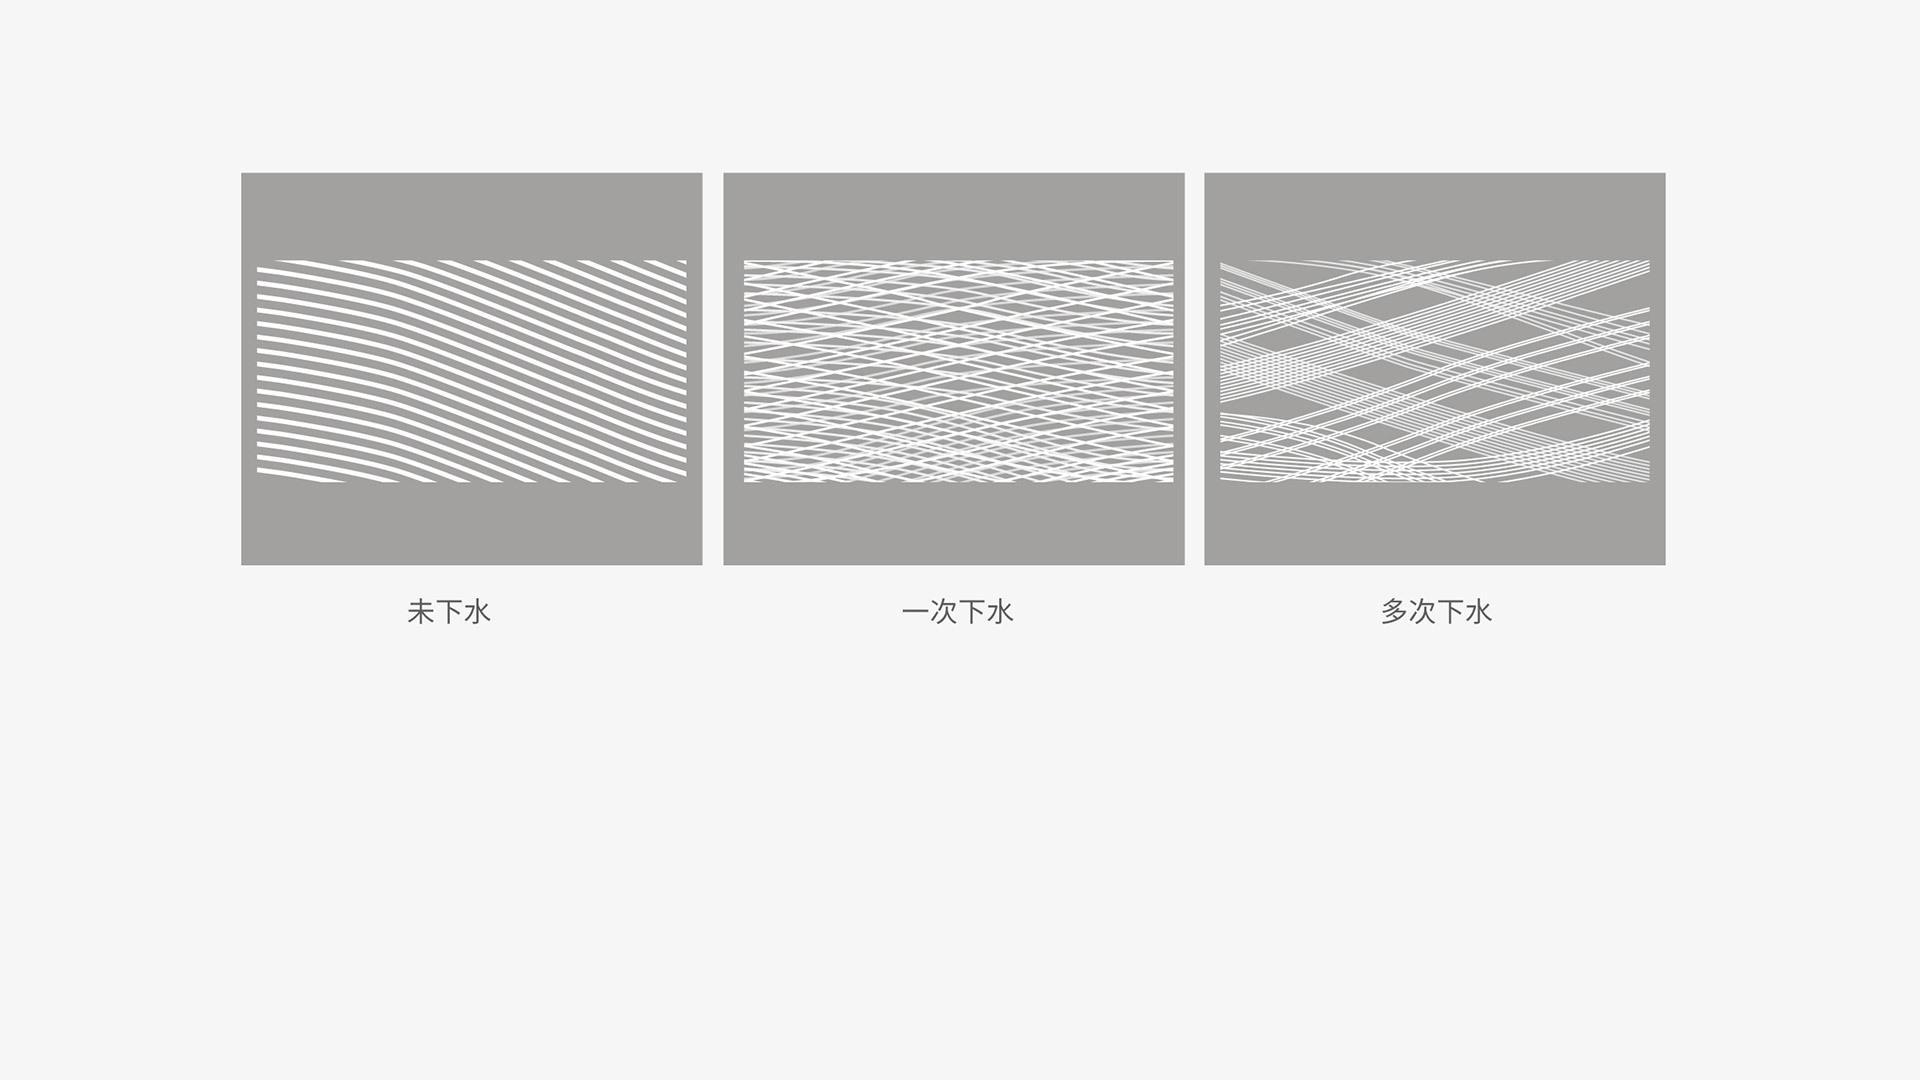 普通纱线2倍螺旋,结构决定品质